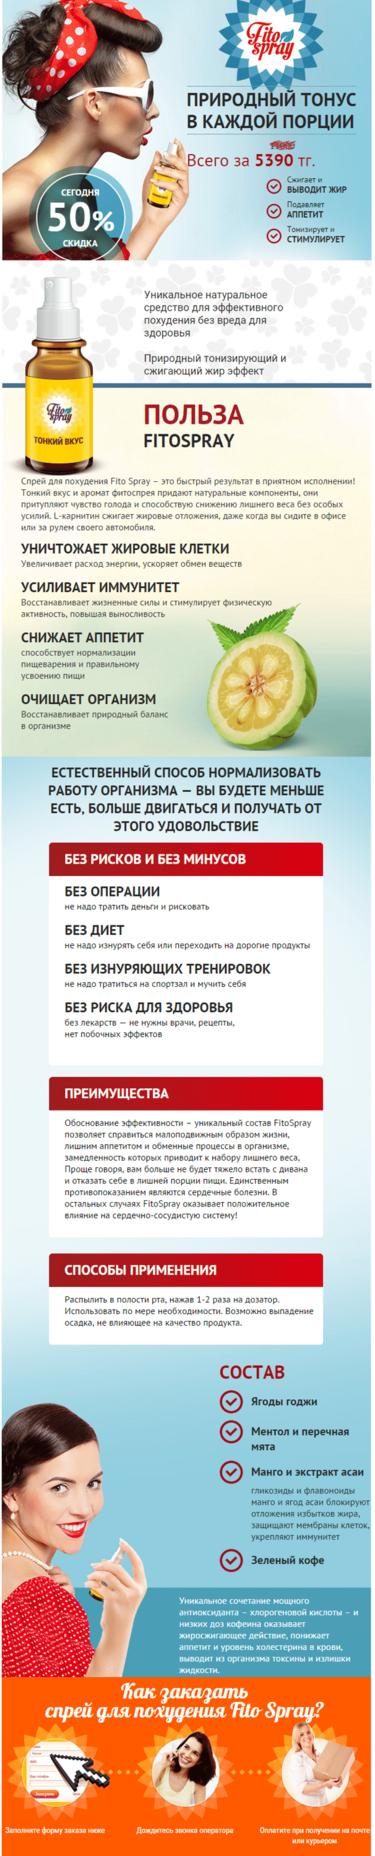 Фито спрей для похудения в казахстане